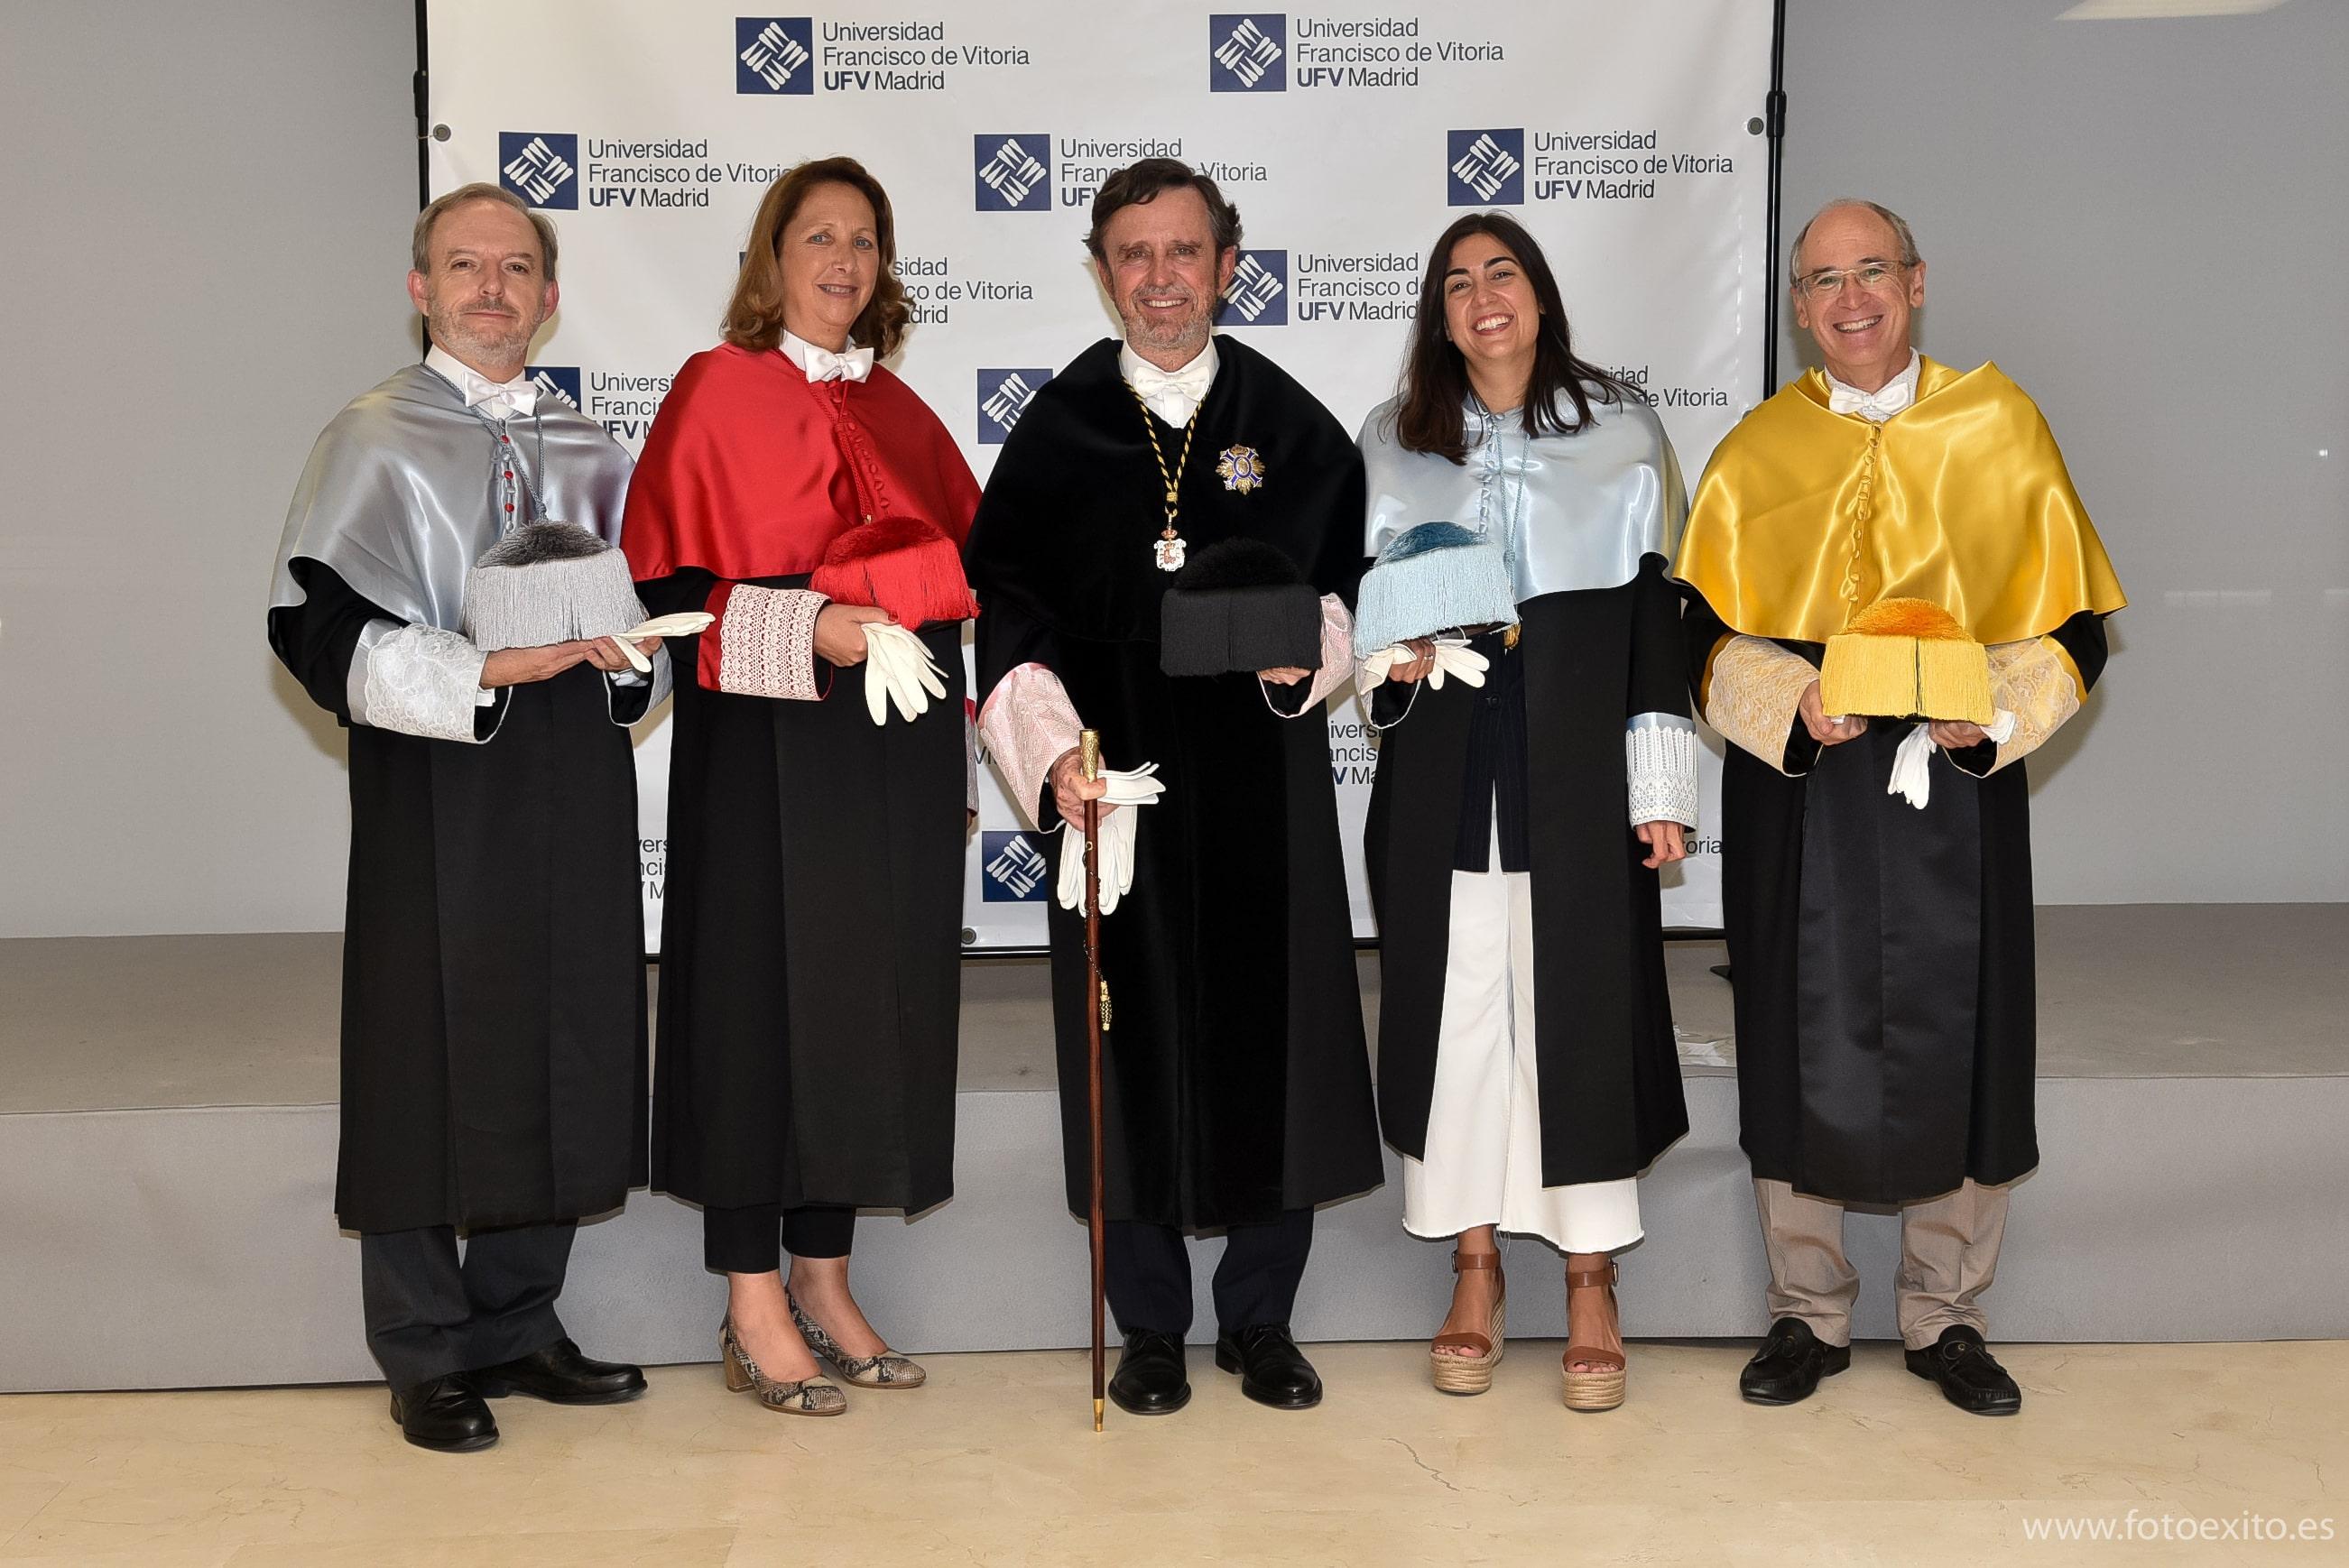 210915UFV 619 min Actos académicos Estudiar en Universidad Privada Madrid